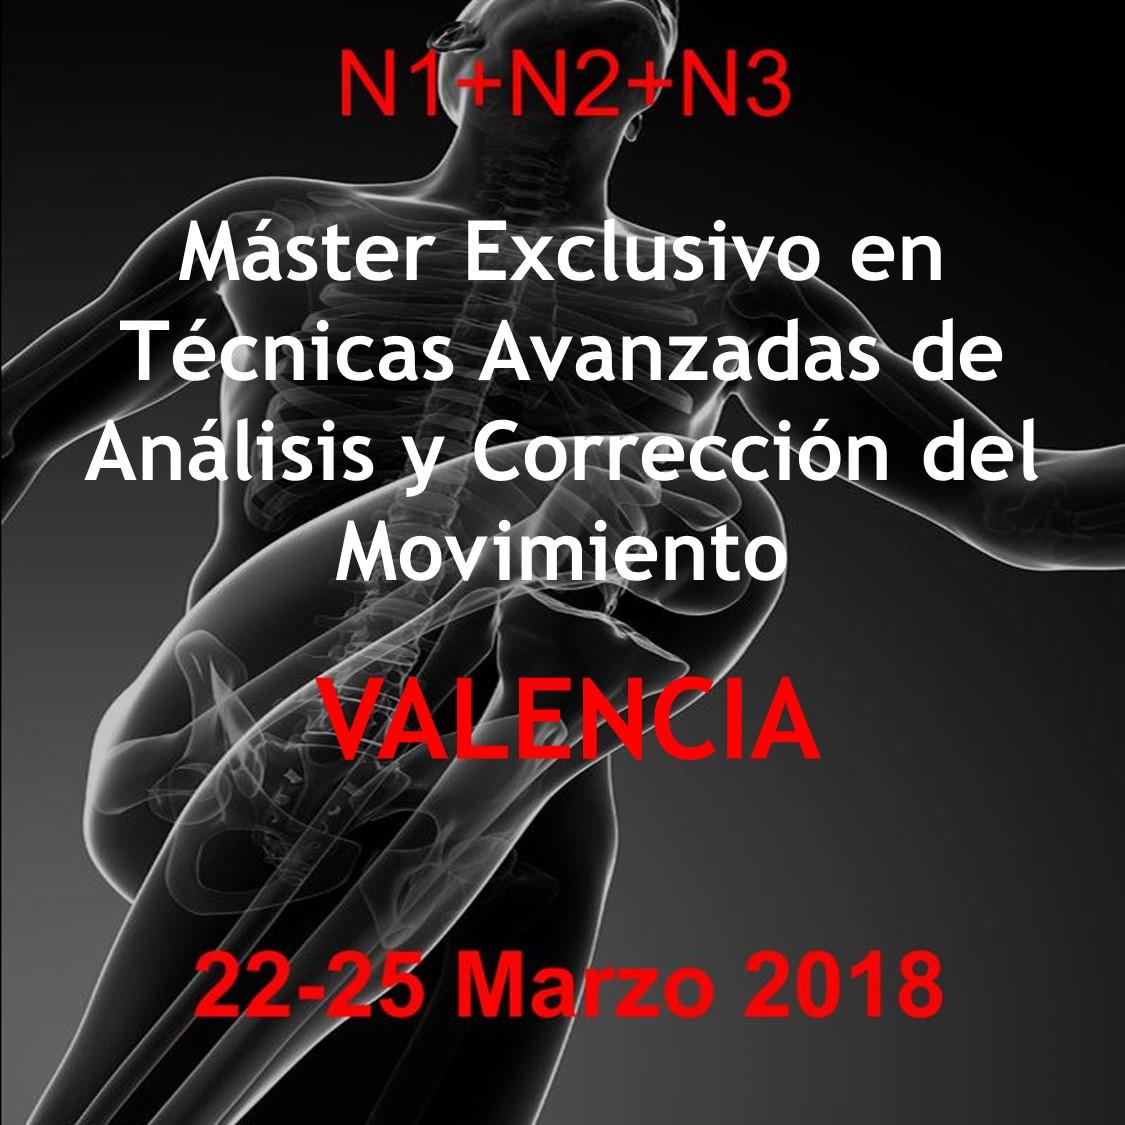 Valencia master 2018_okay